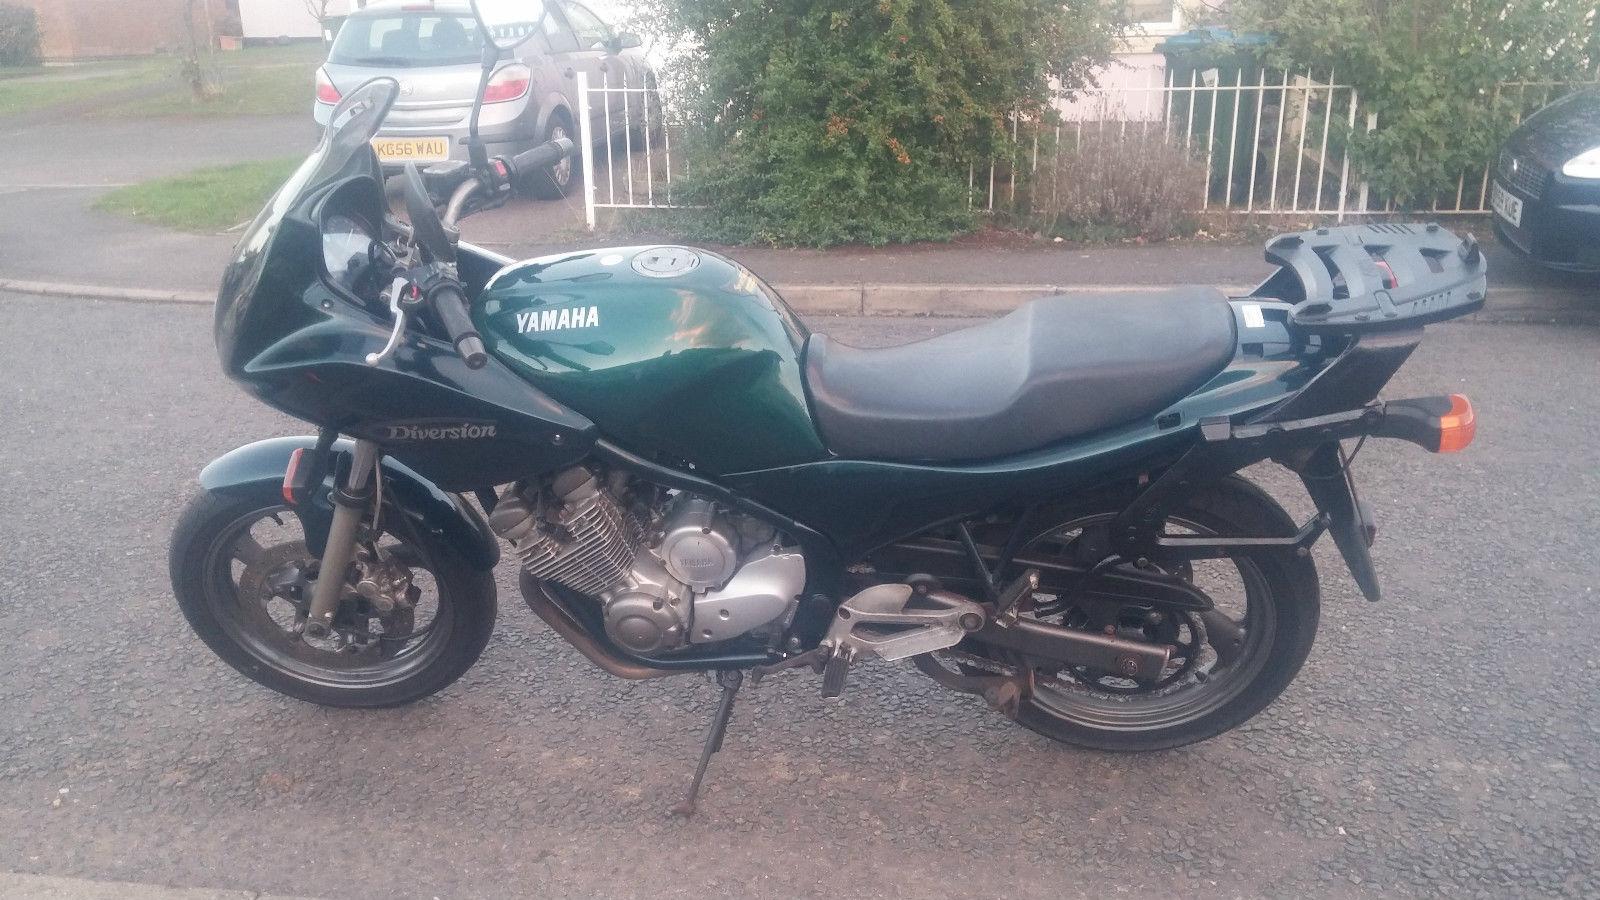 Wwwchooseyouritemcom motorcycle services motorcycle financing 1994 yamaha xj 600 s 720 x 540 jpeg 174 кб